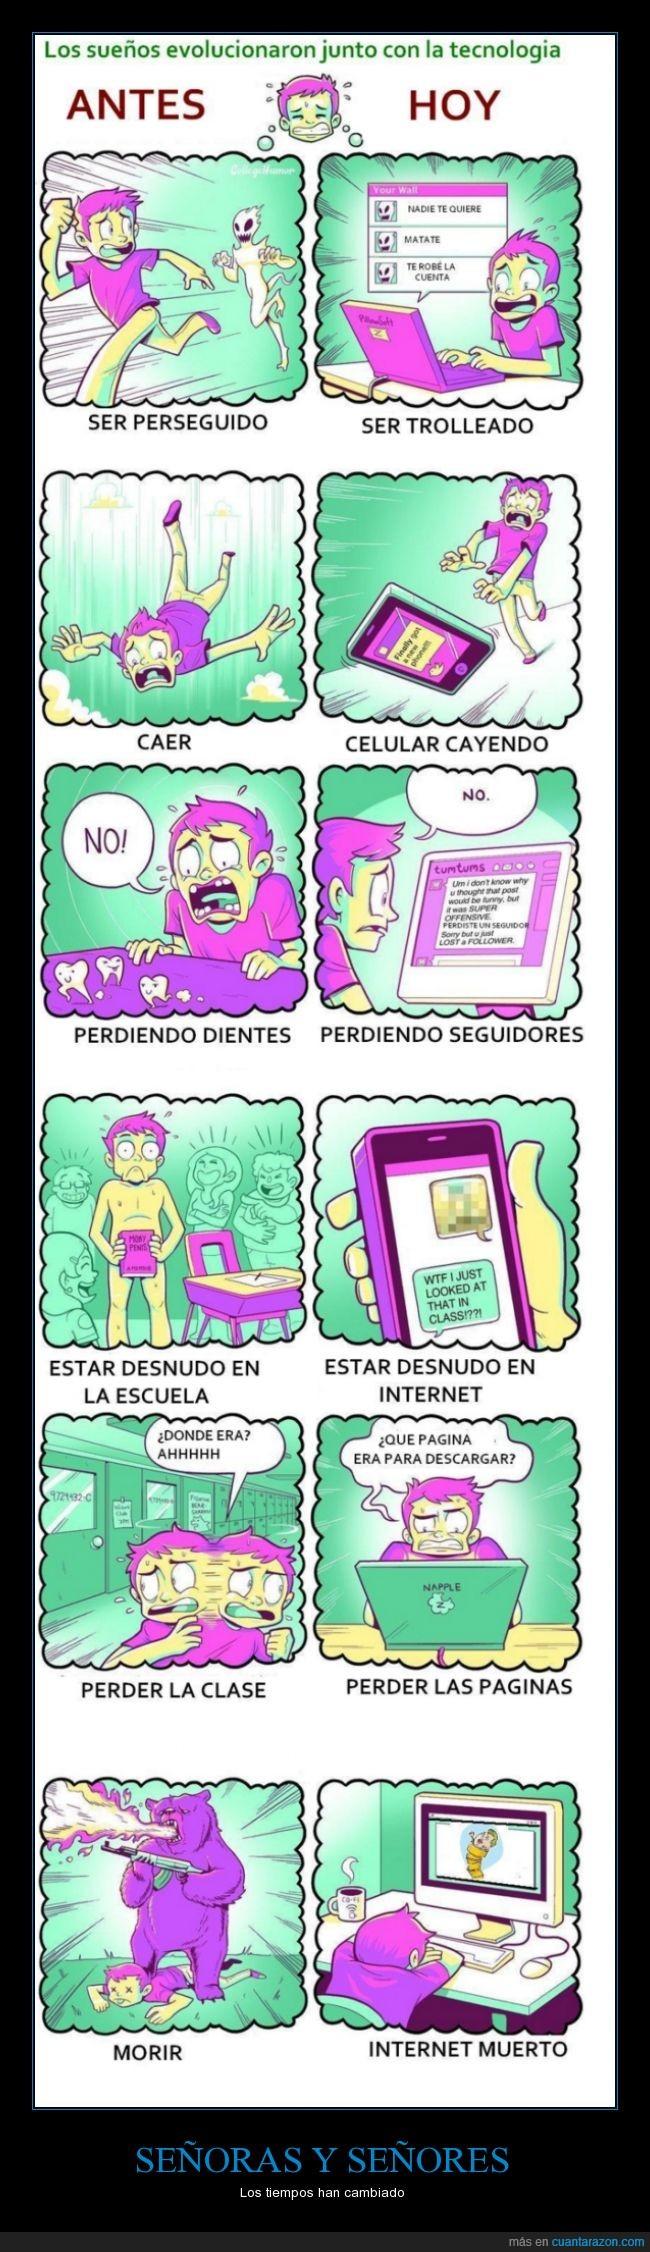 caricatura,cómic,dibujos,humor,internet,miedo,pagina,seguidor